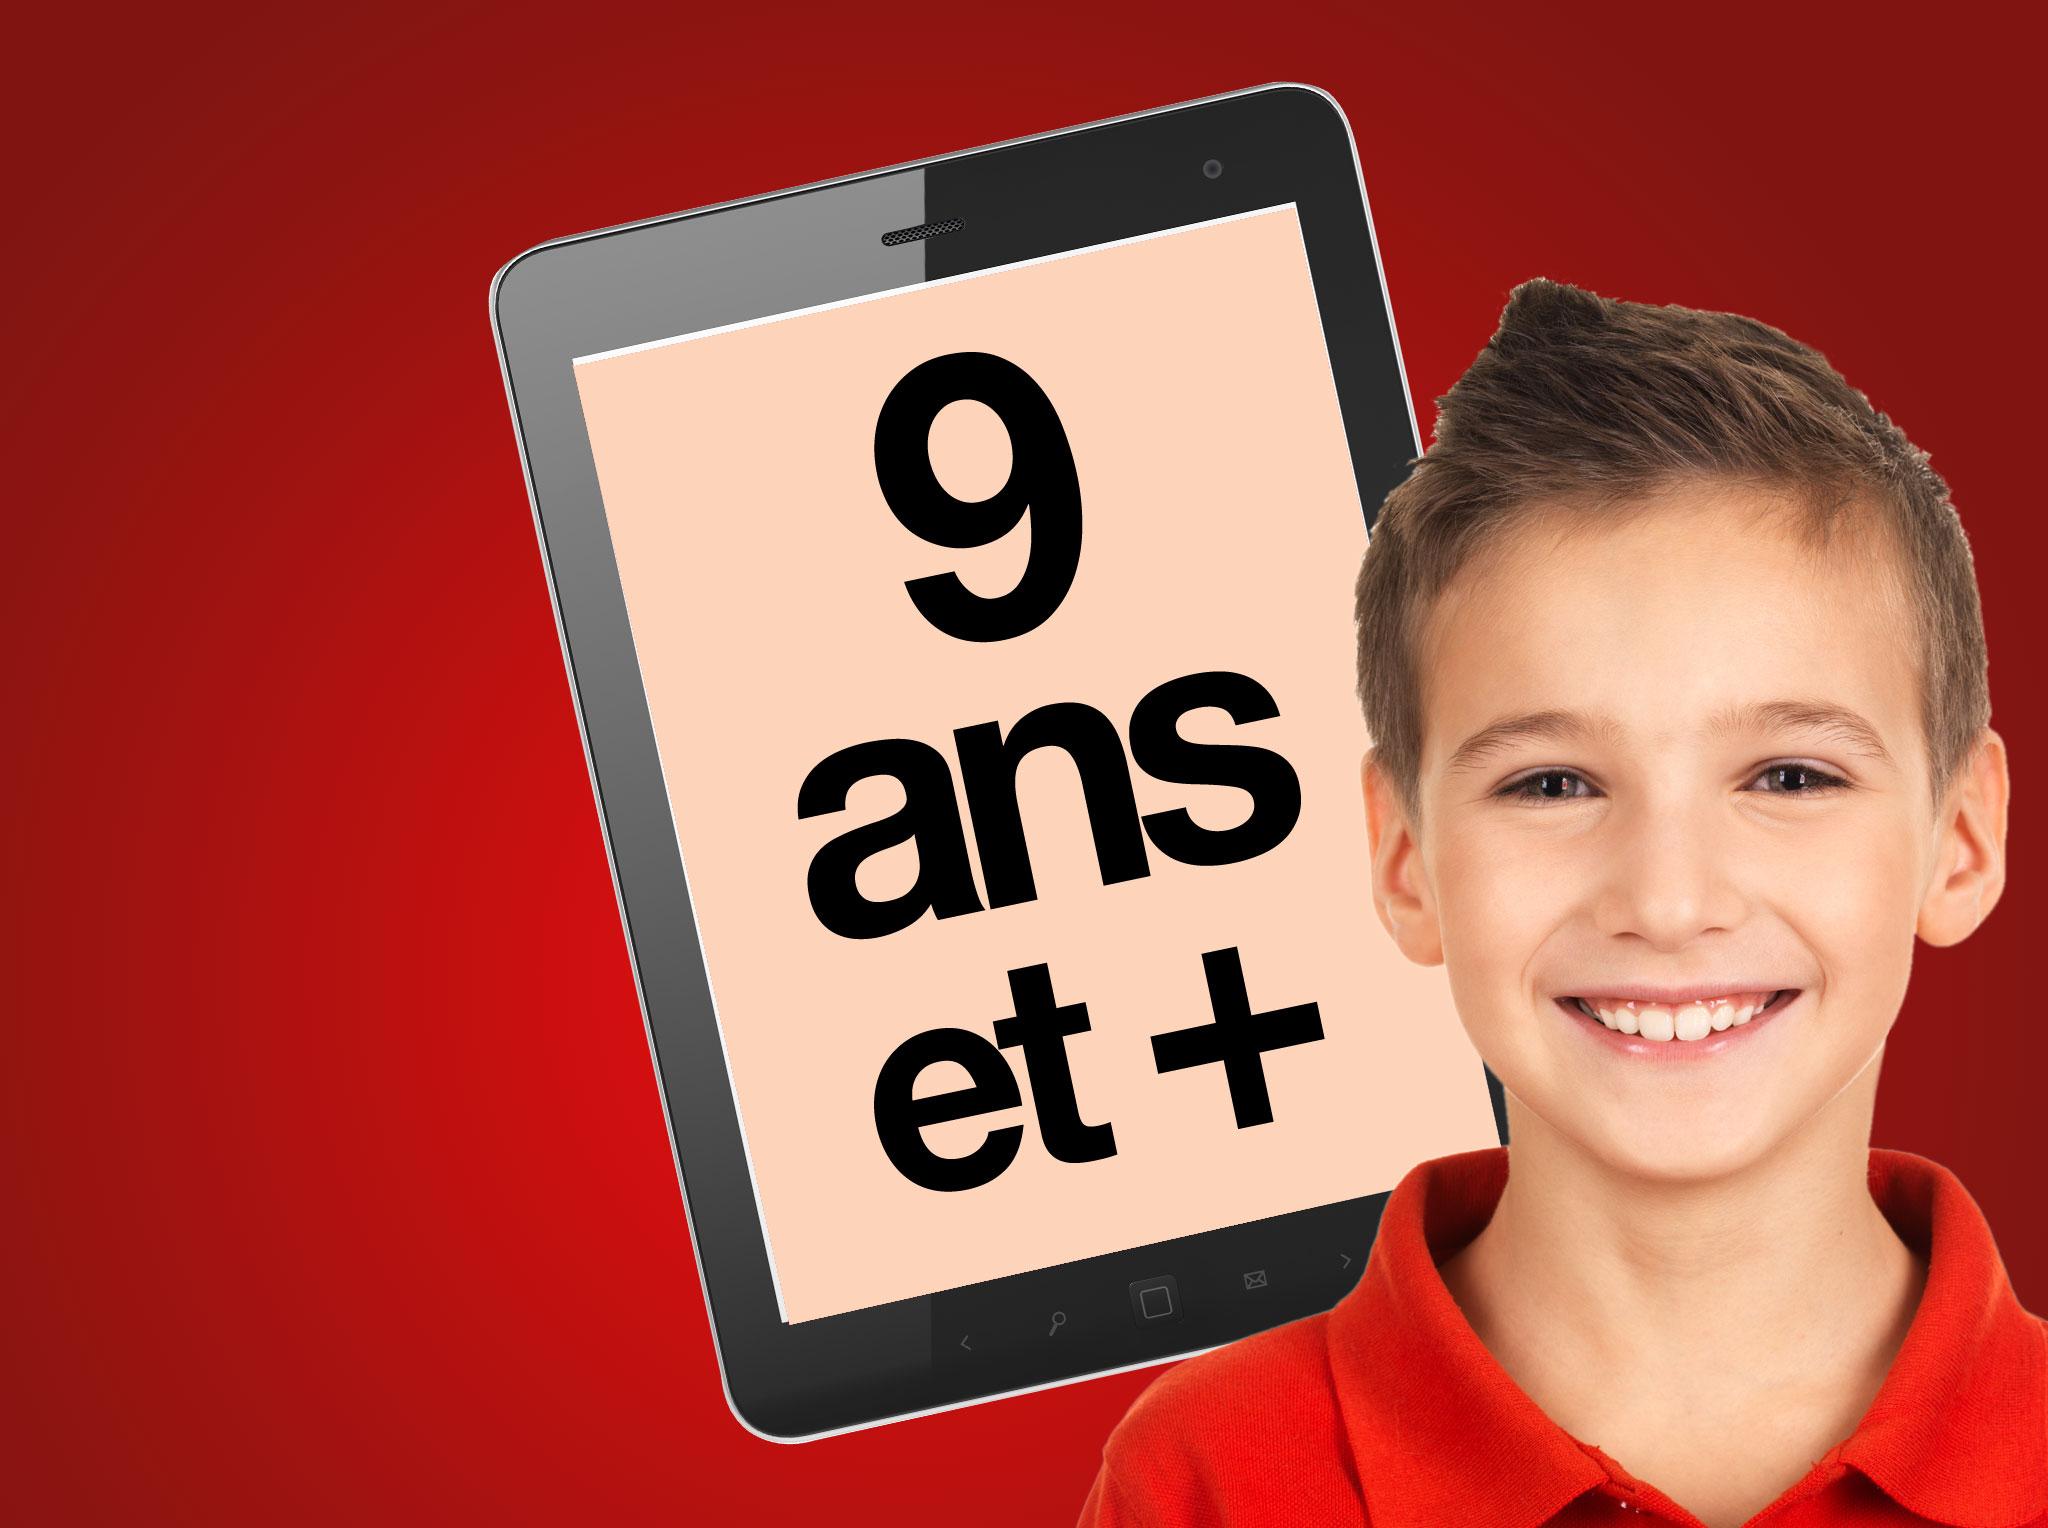 Jeux Sur Tablette: 64 Choix Pour Enfants | Protégez-Vous.ca intérieur Jeux Pour Enfant 7 Ans